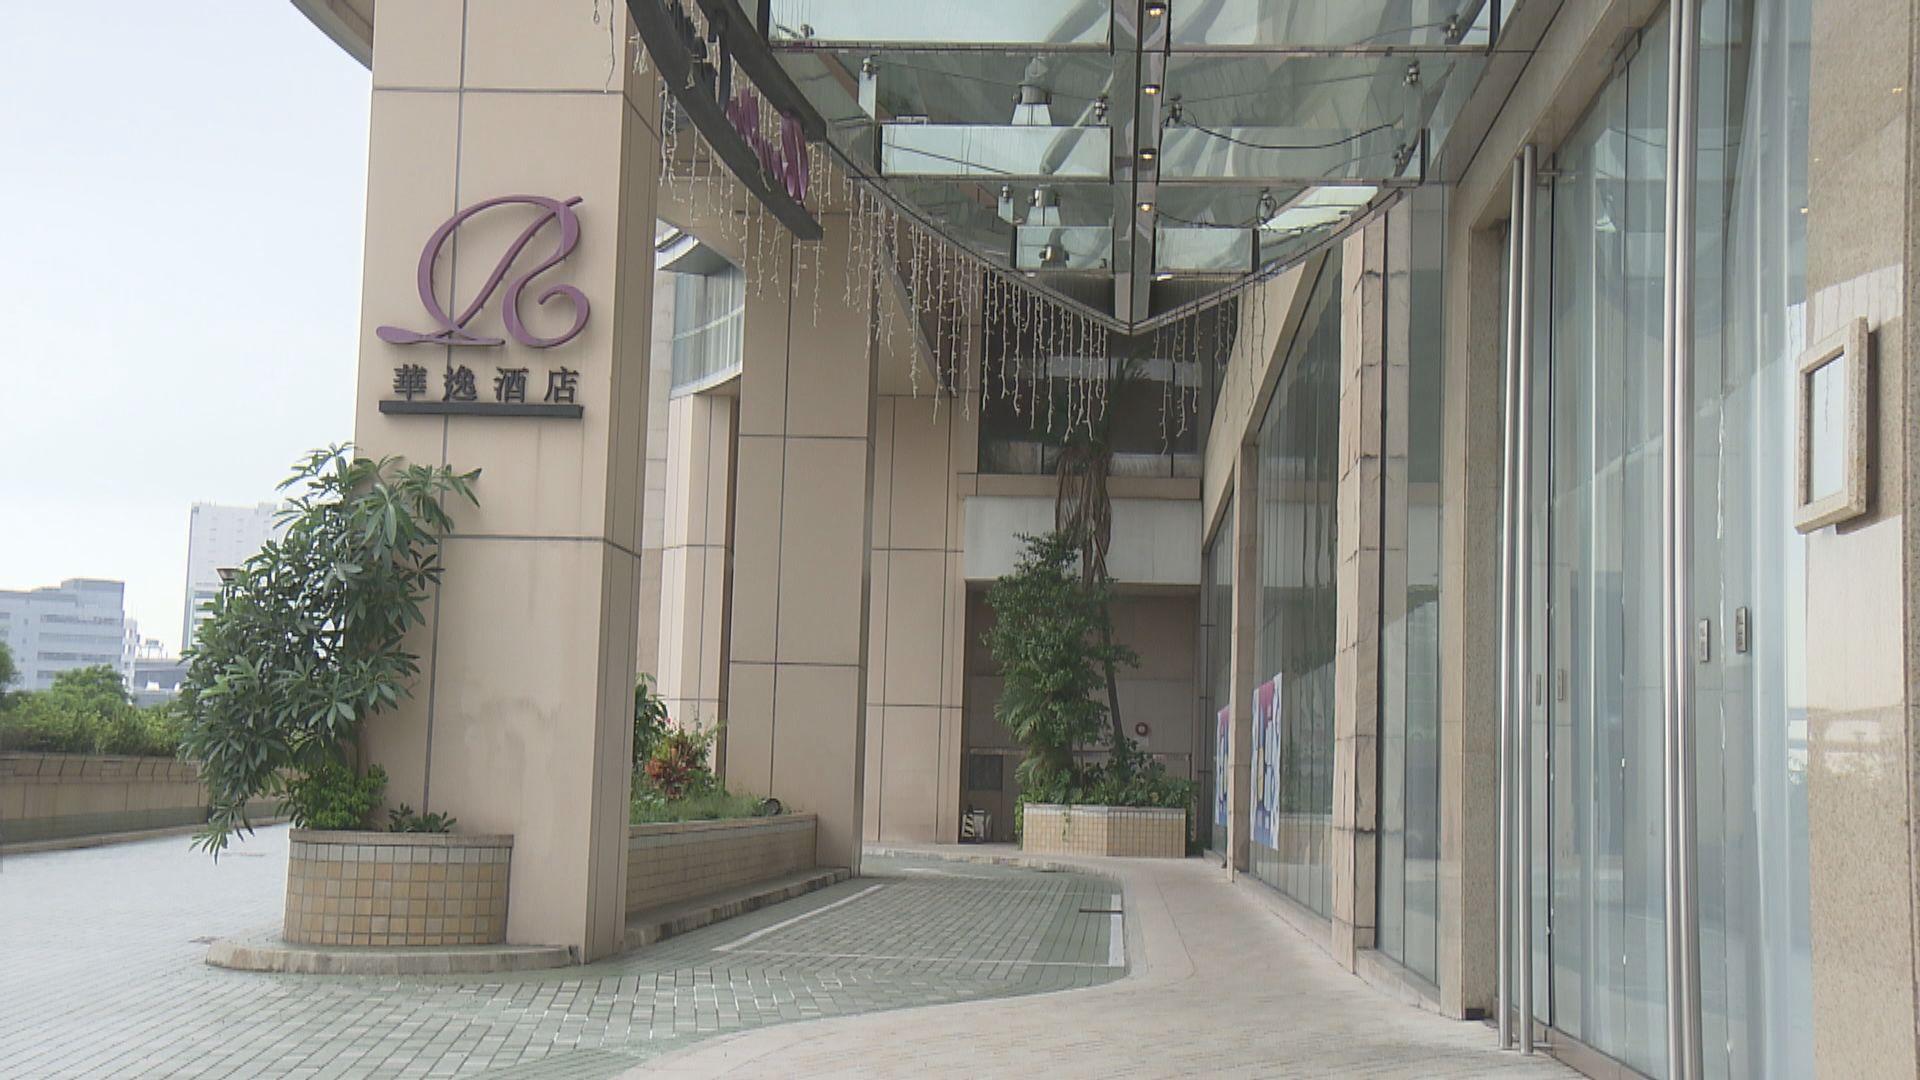 青衣華逸酒店下月起500間房供外傭檢疫